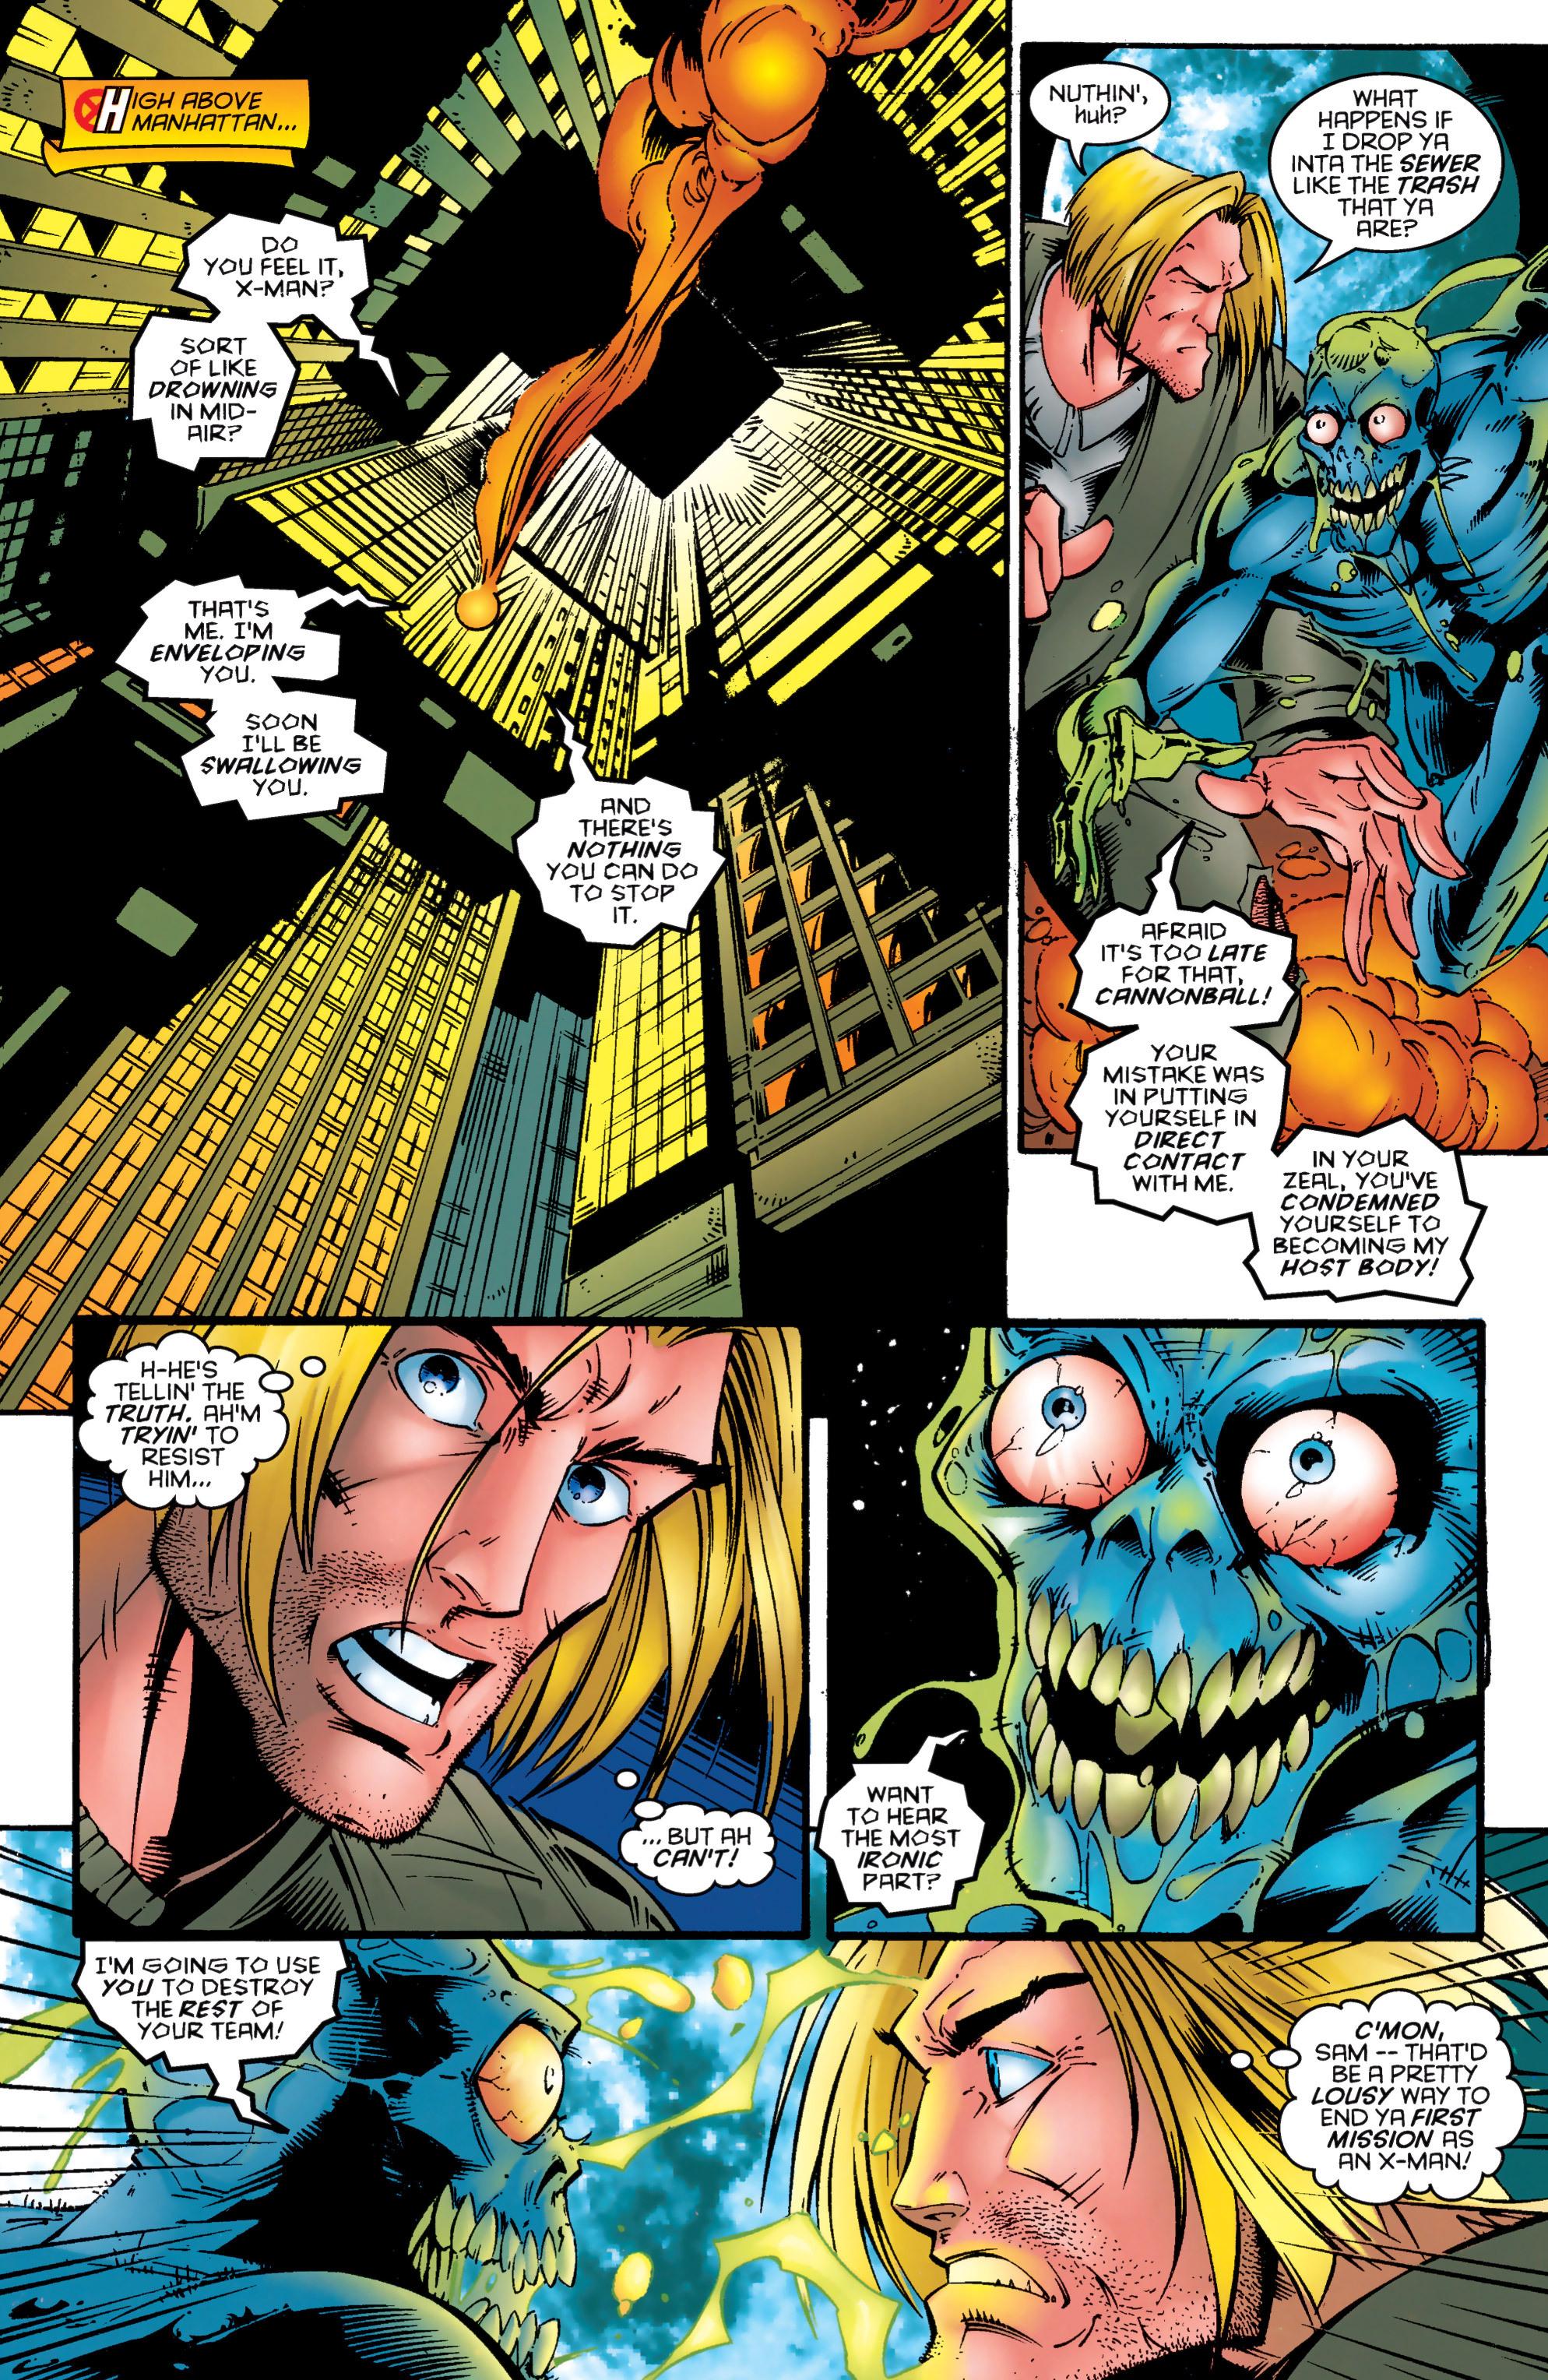 Read online Uncanny X-Men (1963) comic -  Issue #324 - 12